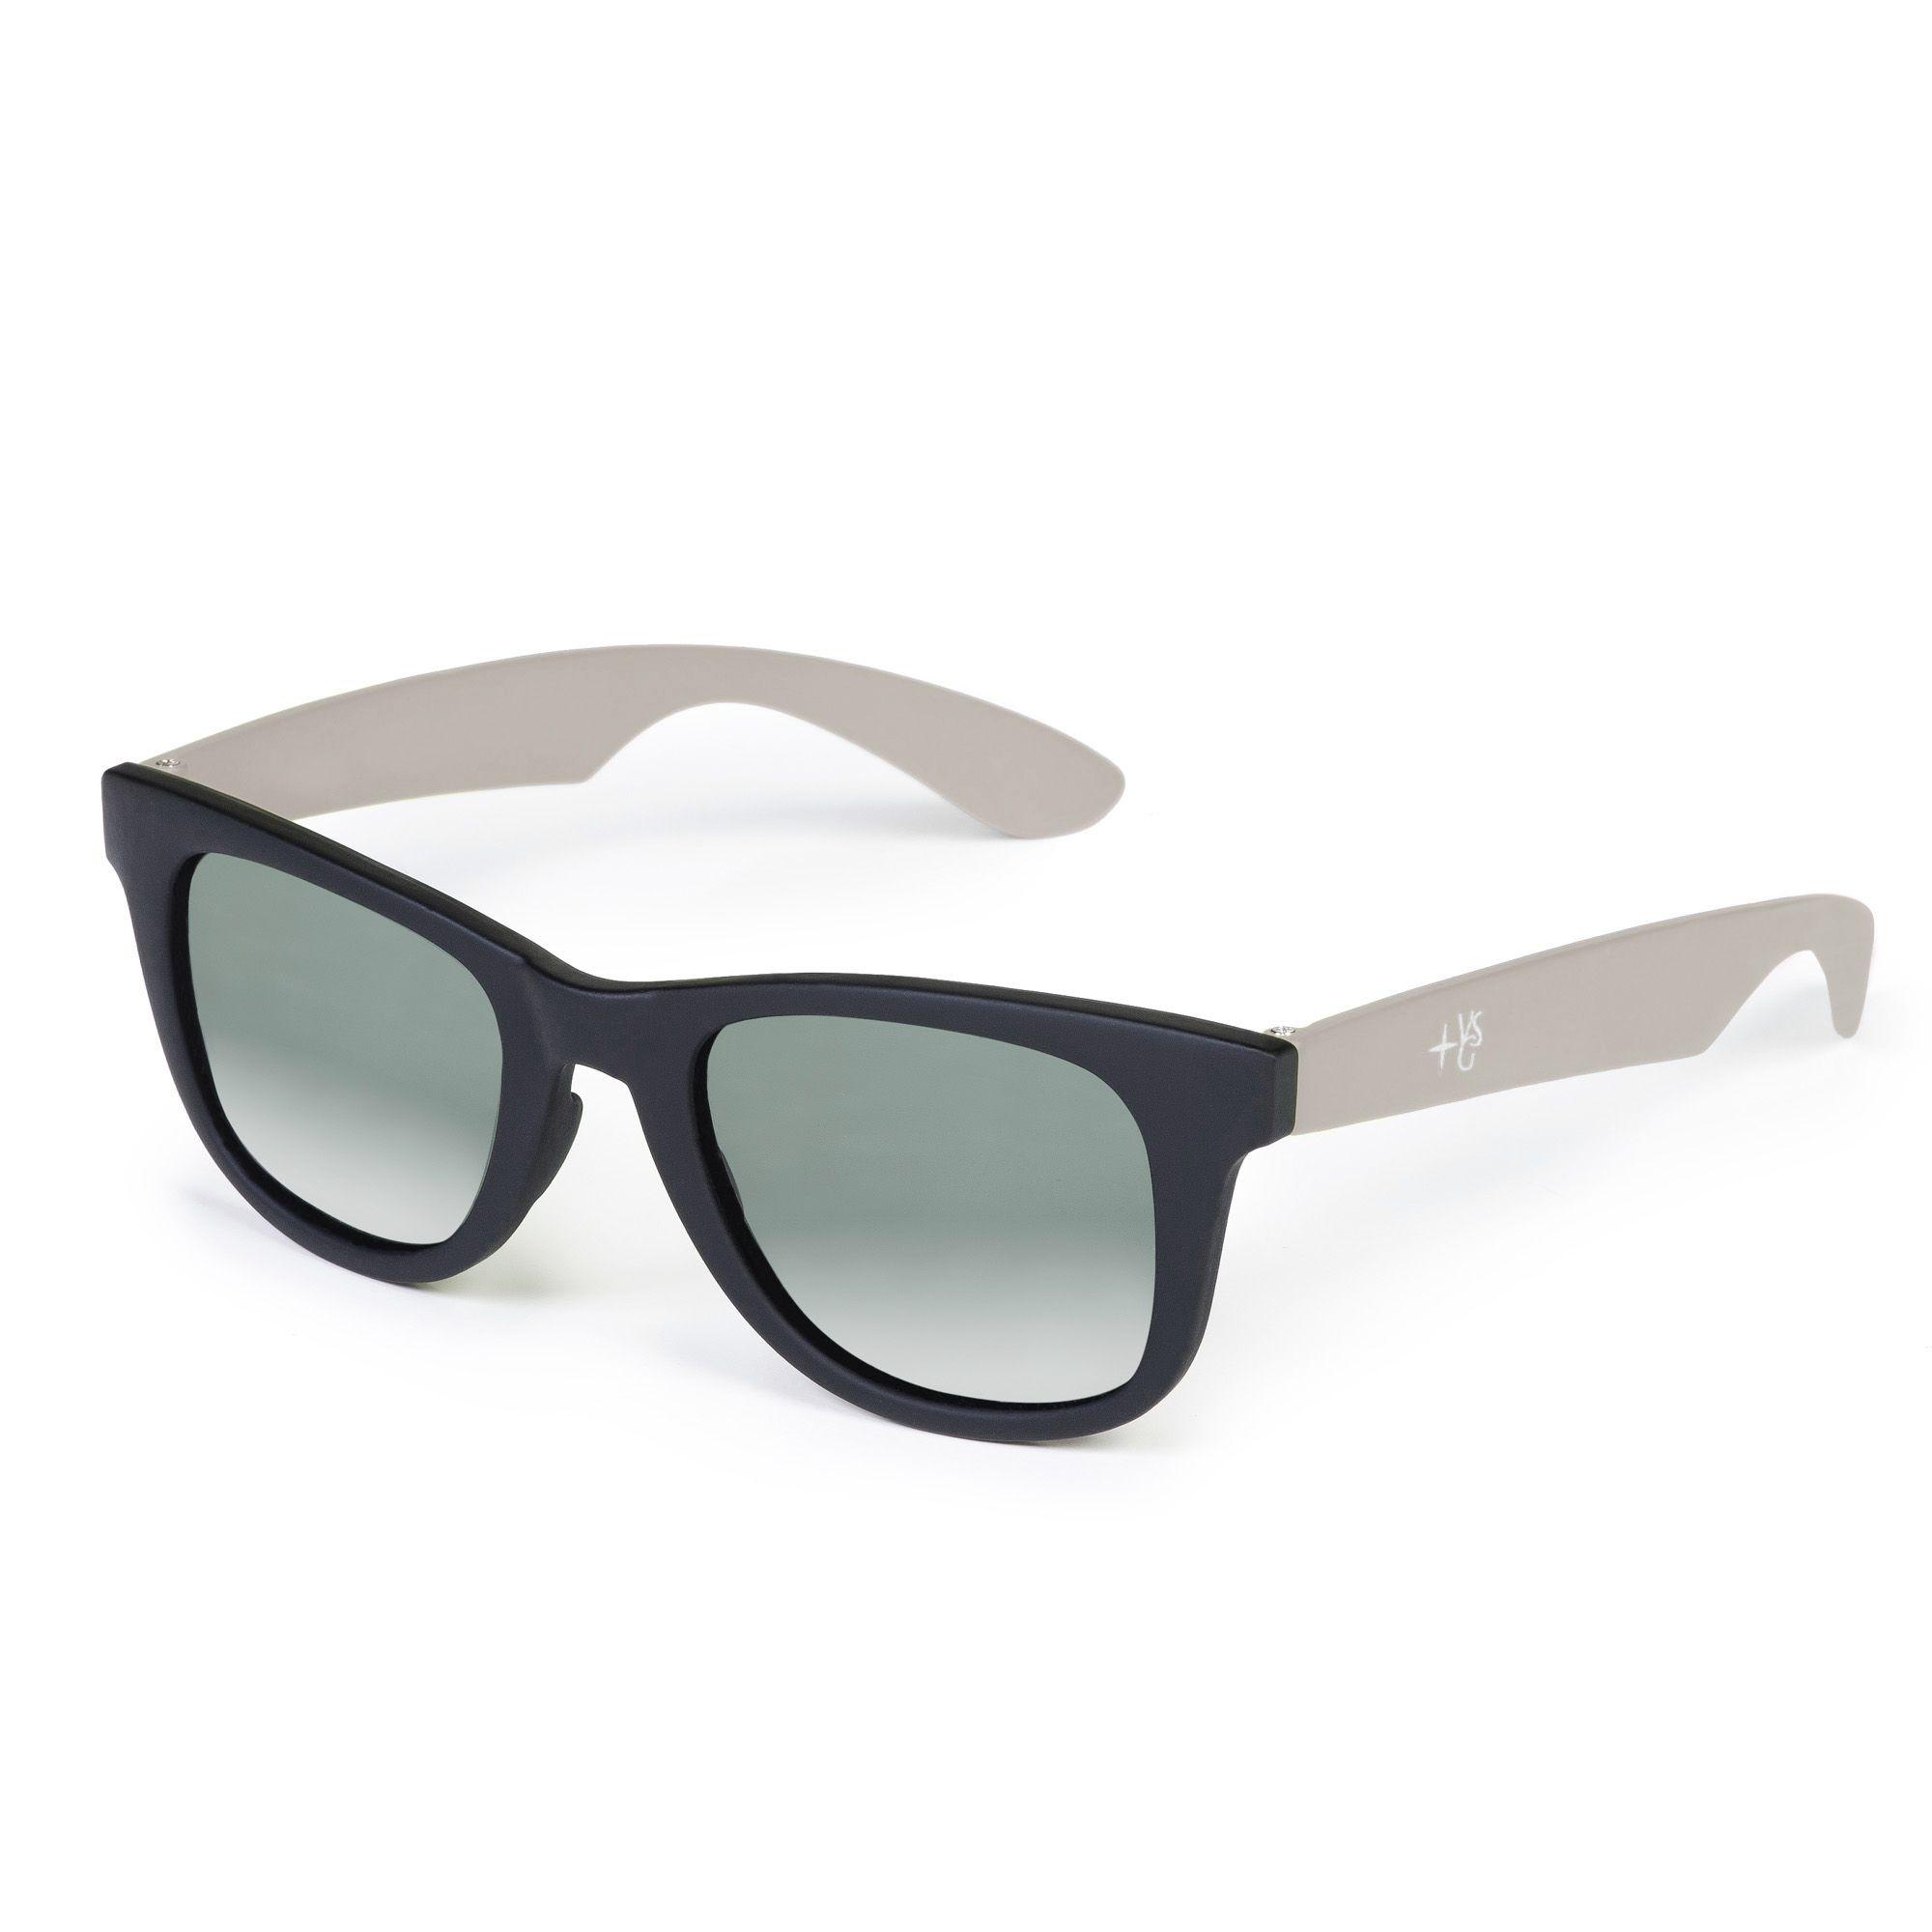 Occhiali da sole con lenti scure e astine colorate qvc italia - Occhiali con lenti a specchio colorate ...